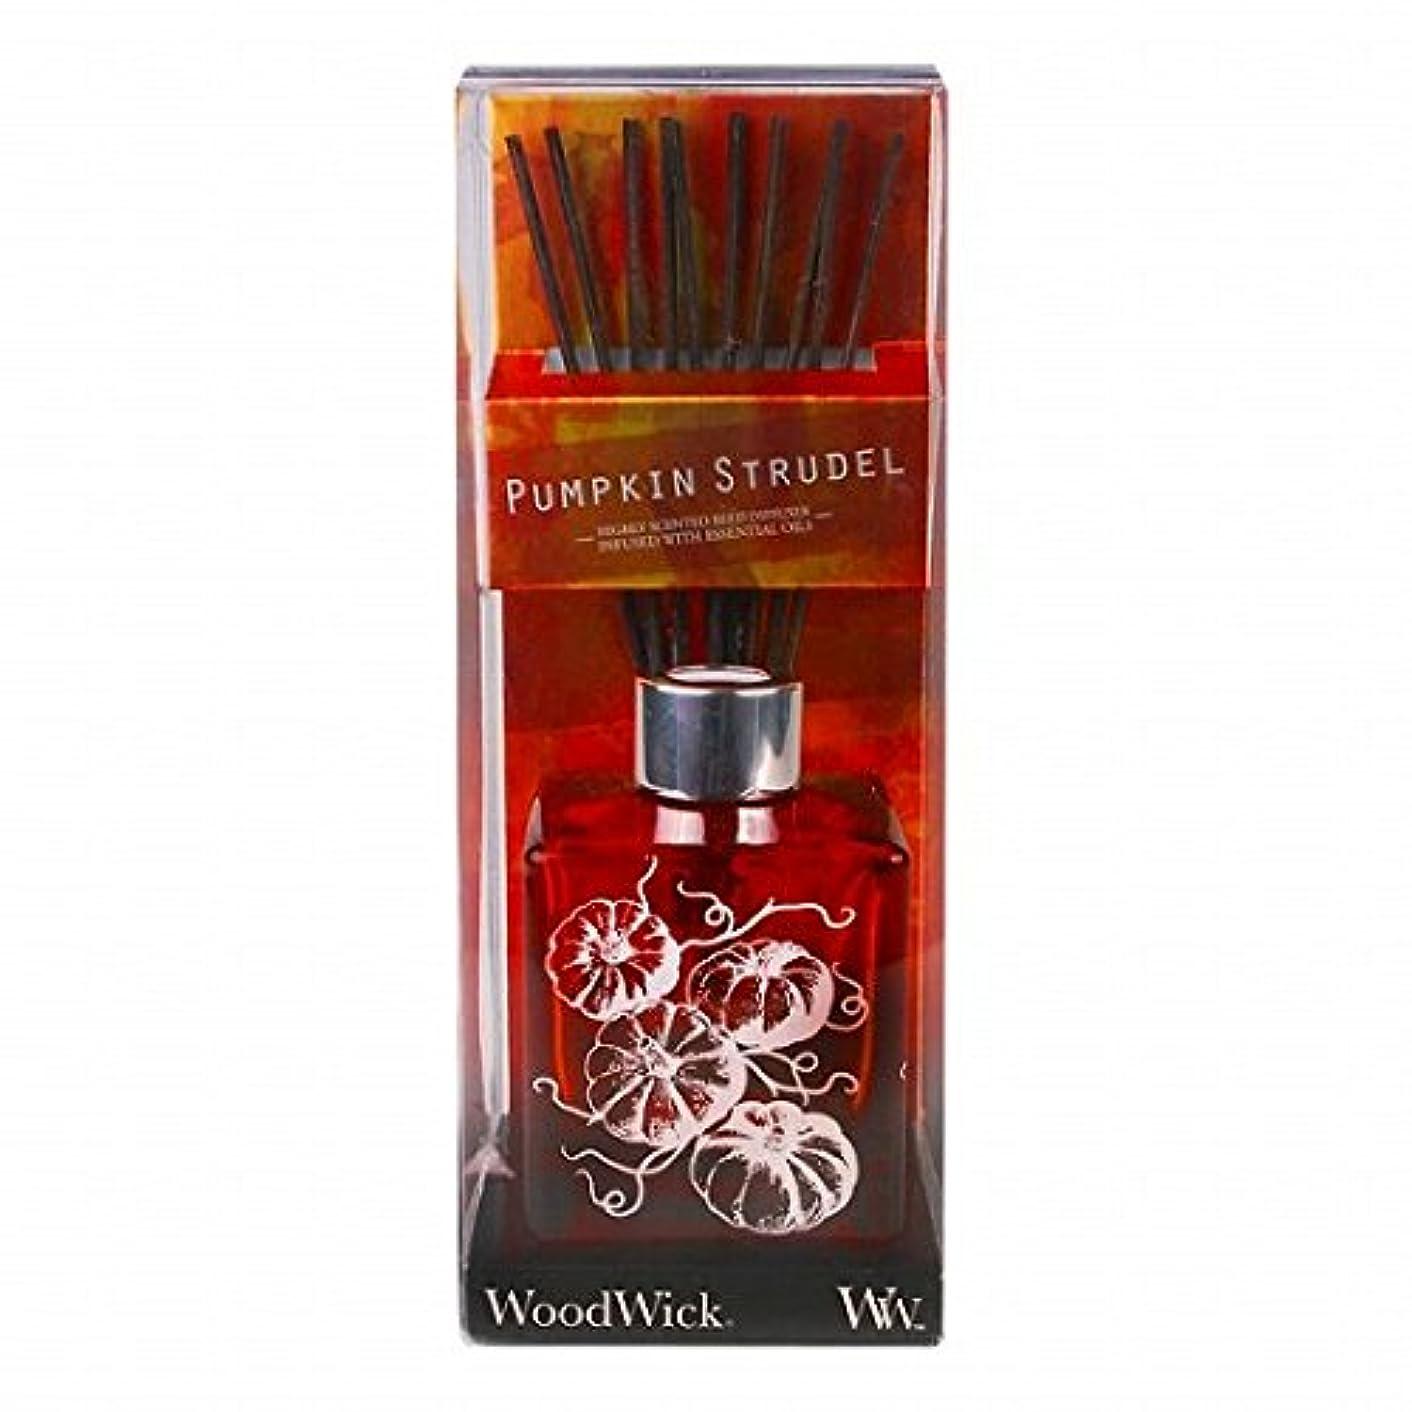 雨の中国ティーンエイジャーWoodWick(ウッドウィック) Wood Wickダンシンググラスリードディフューザー 「 シュトルーデル 」 ディフューザー 68x68x105mm (W9540508)